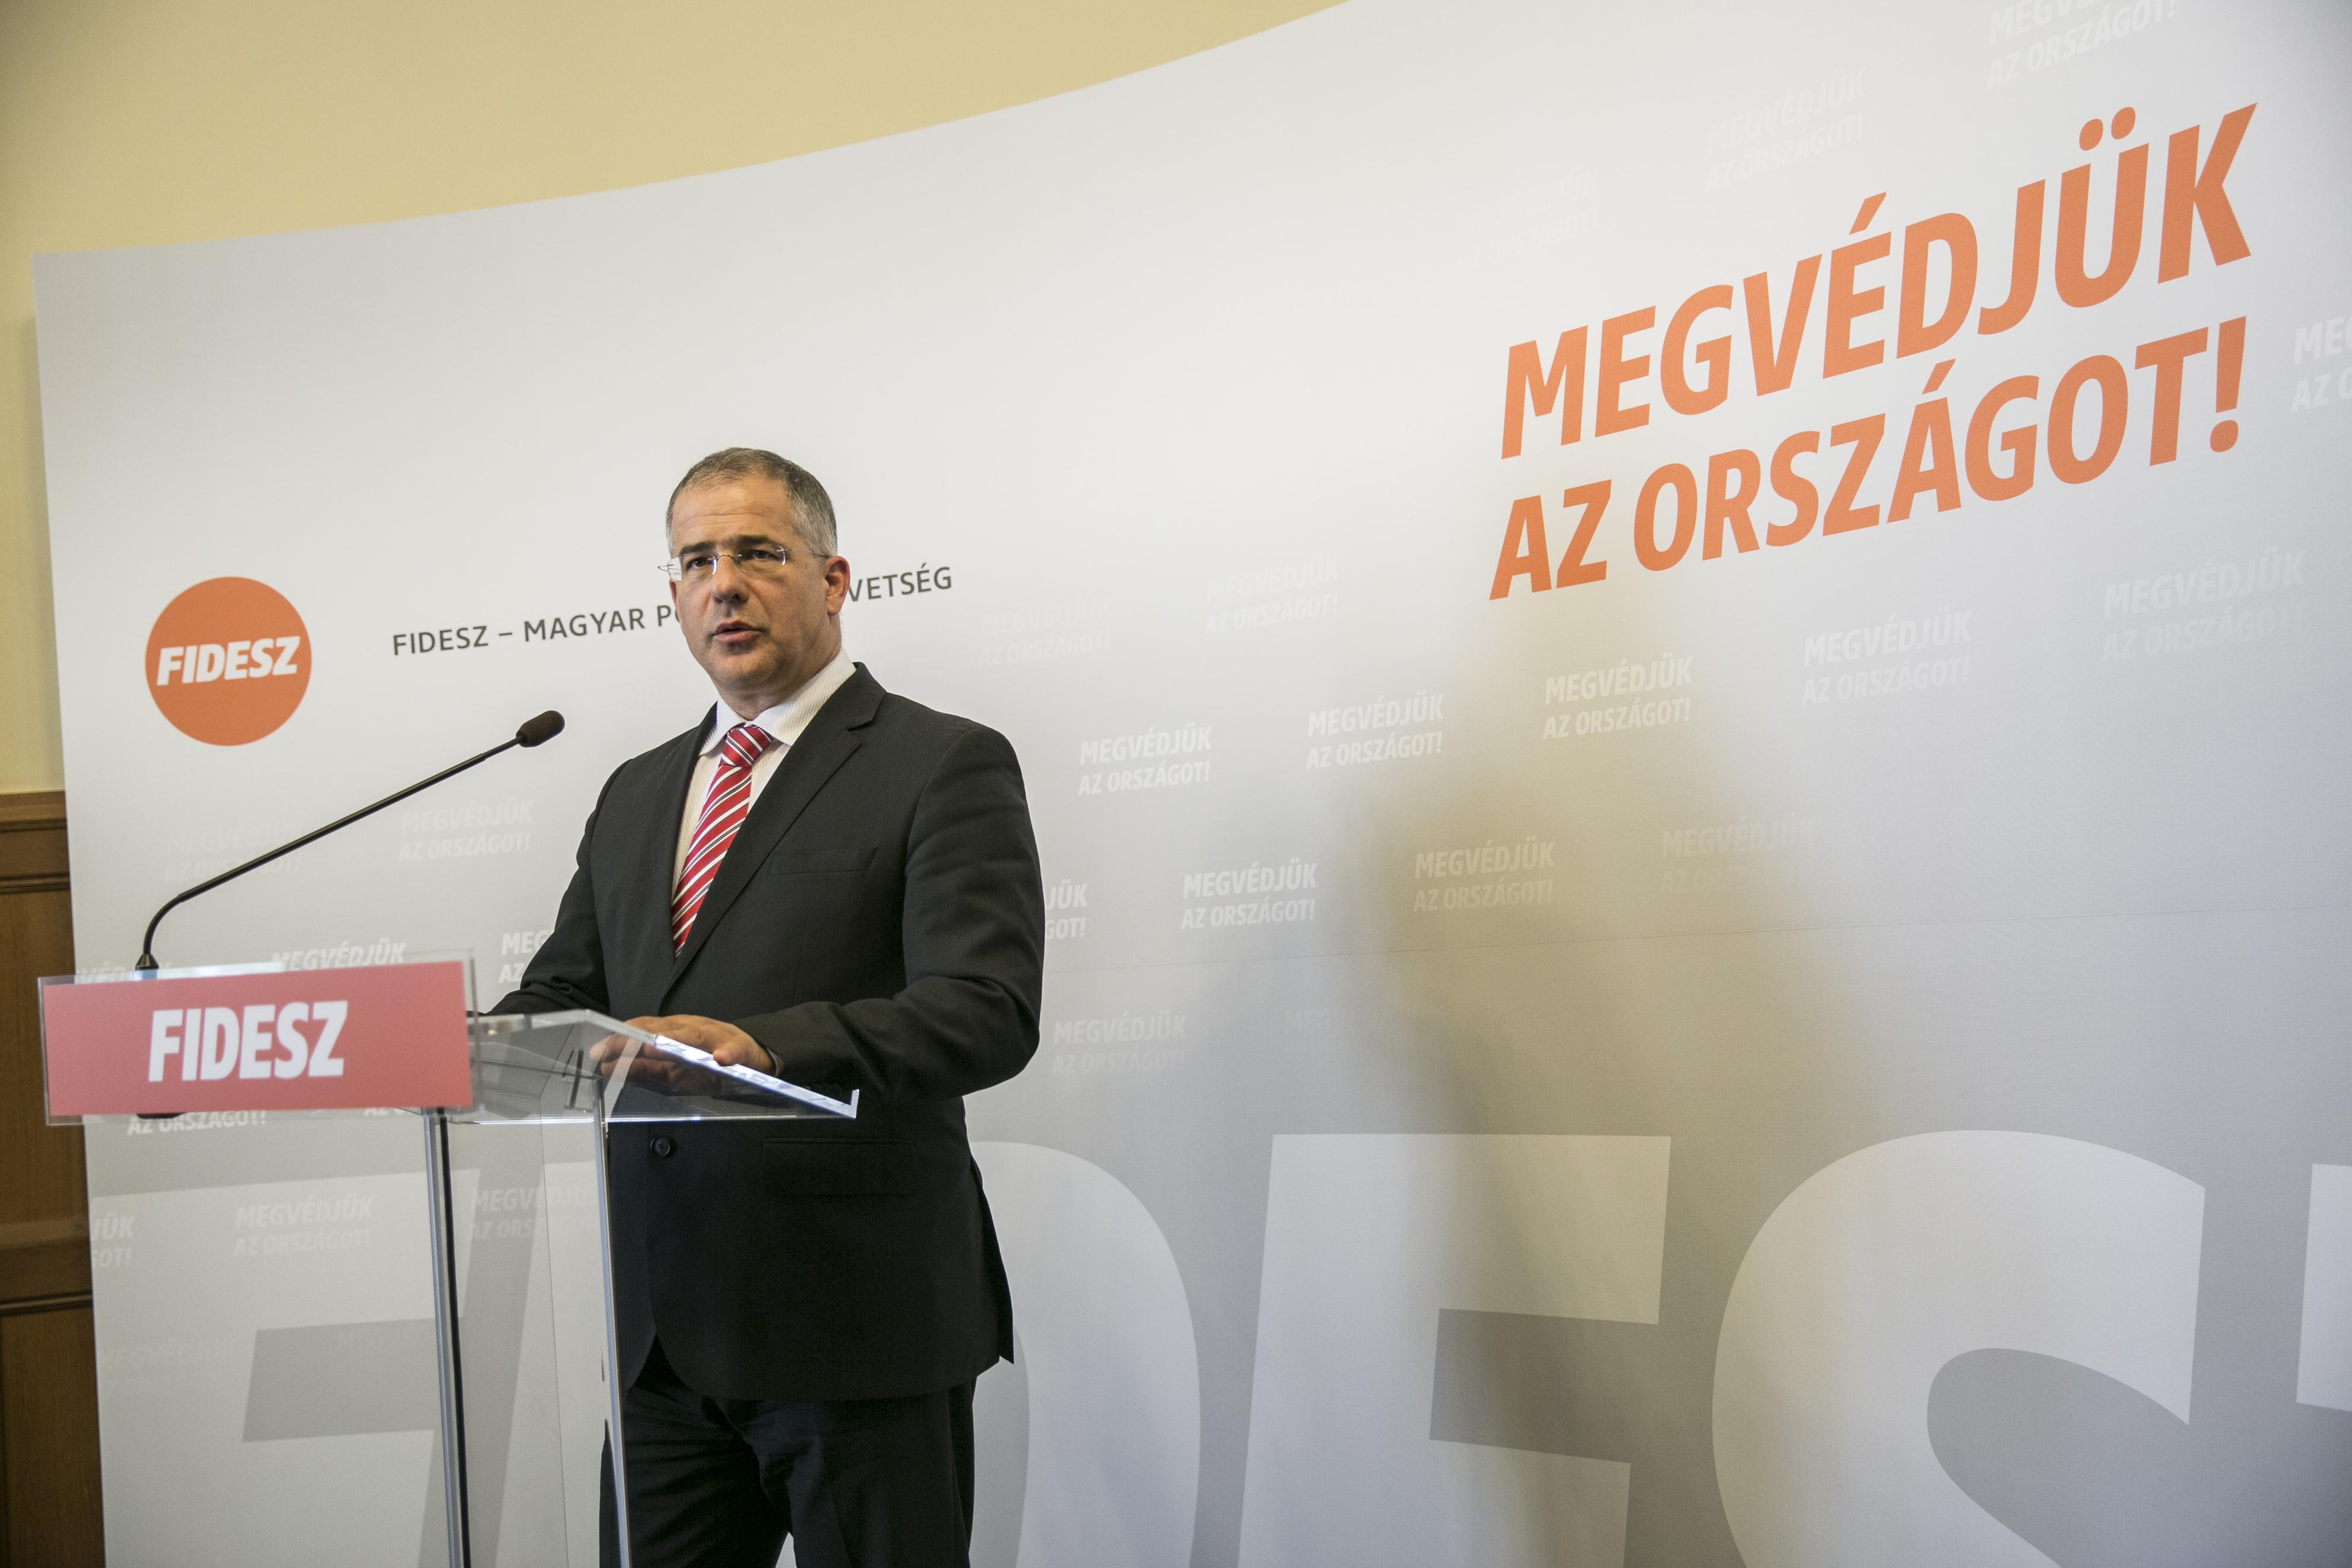 Itt tartunk: Kósa Lajos szerint már a fideszes Navracsics Tibor is brüsszeli bürokrata